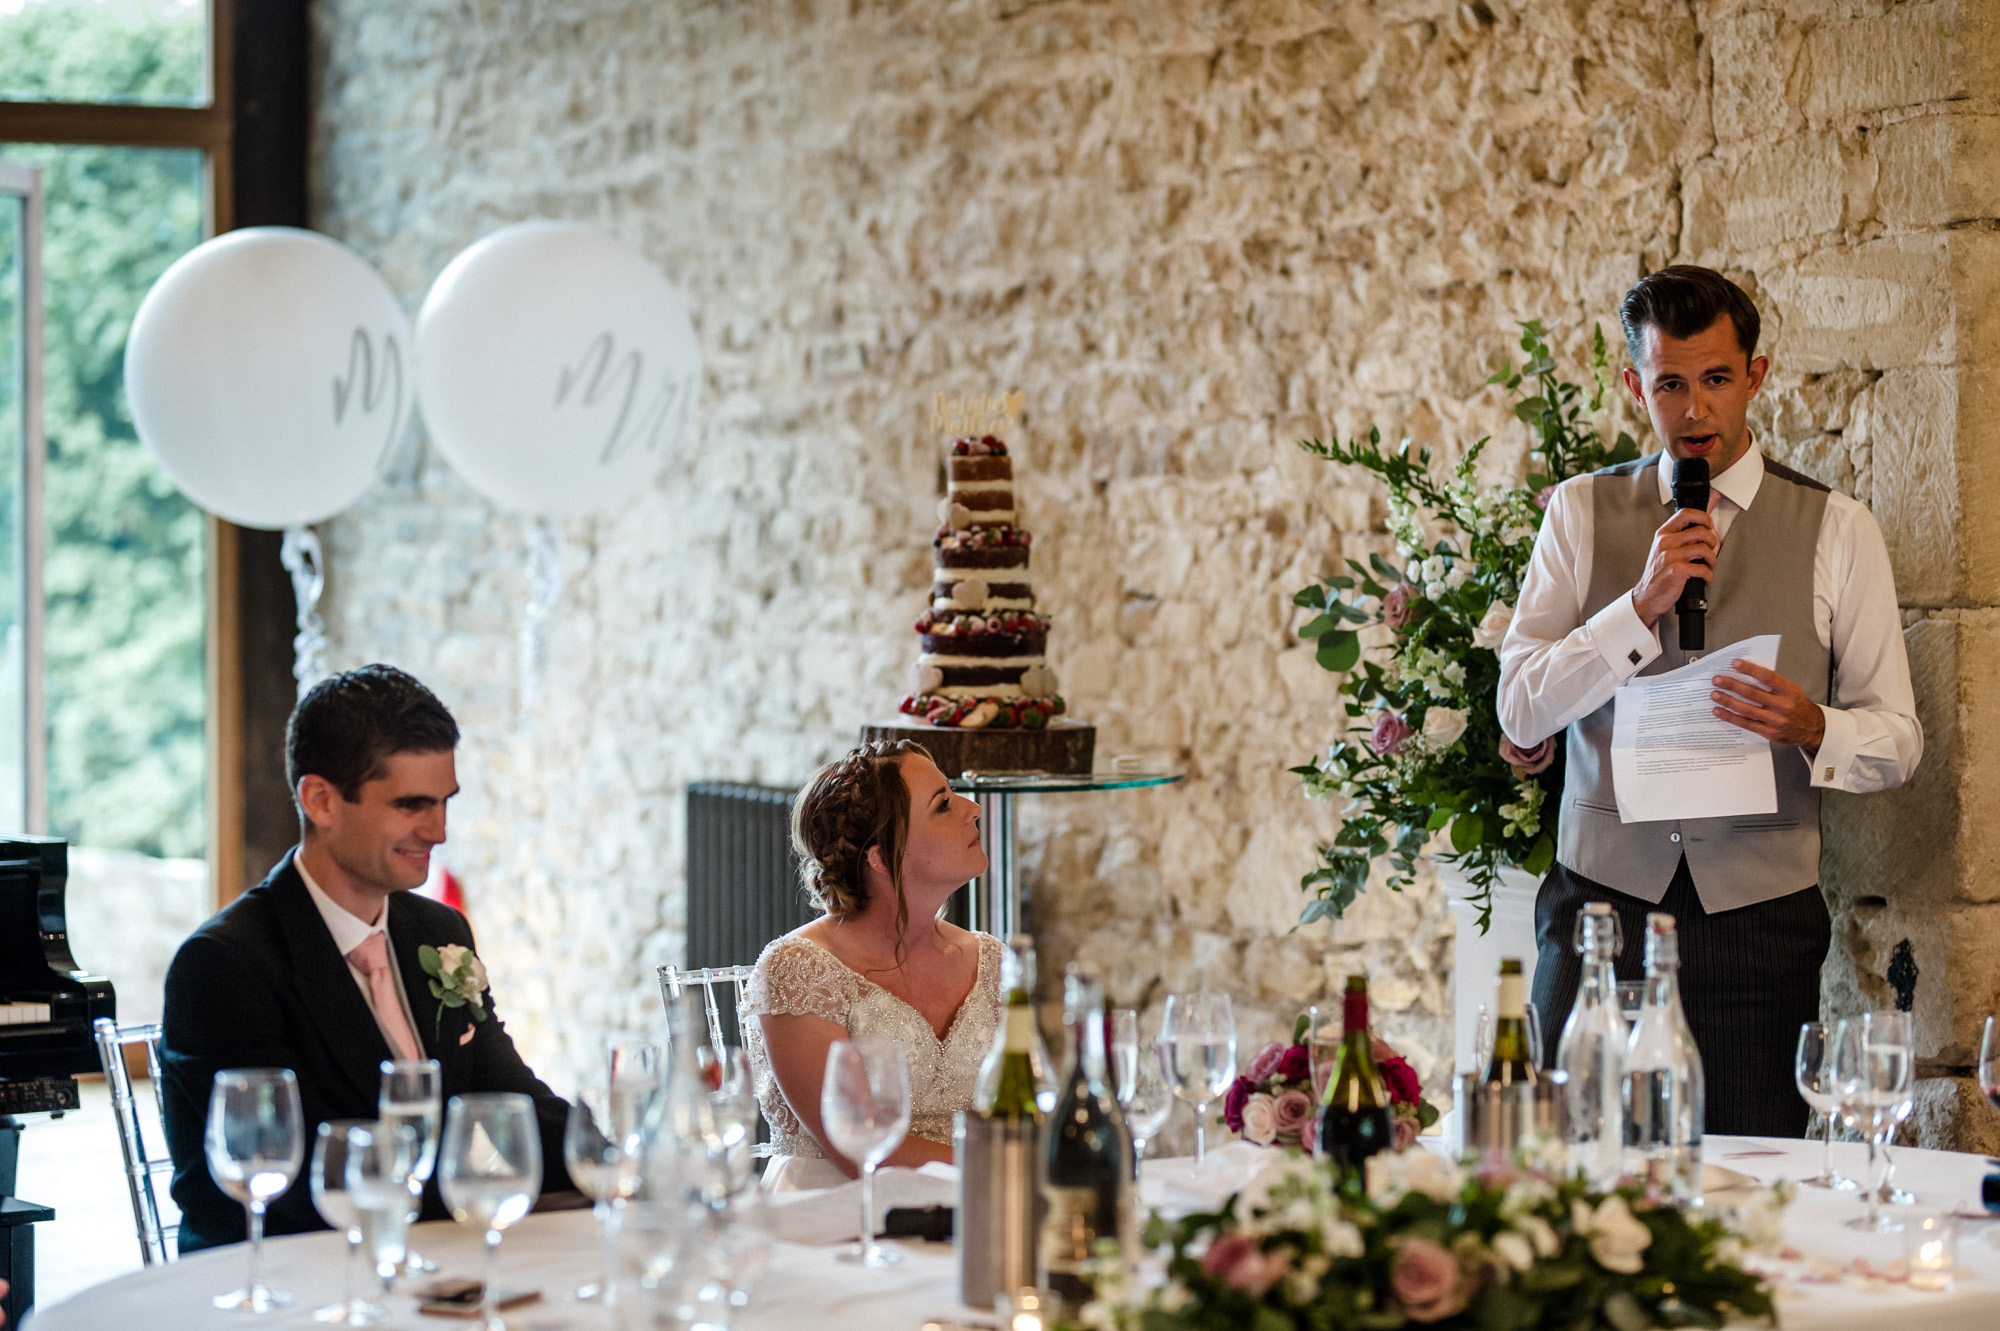 Notley Barn Wedding 26.10.18 22.jpg